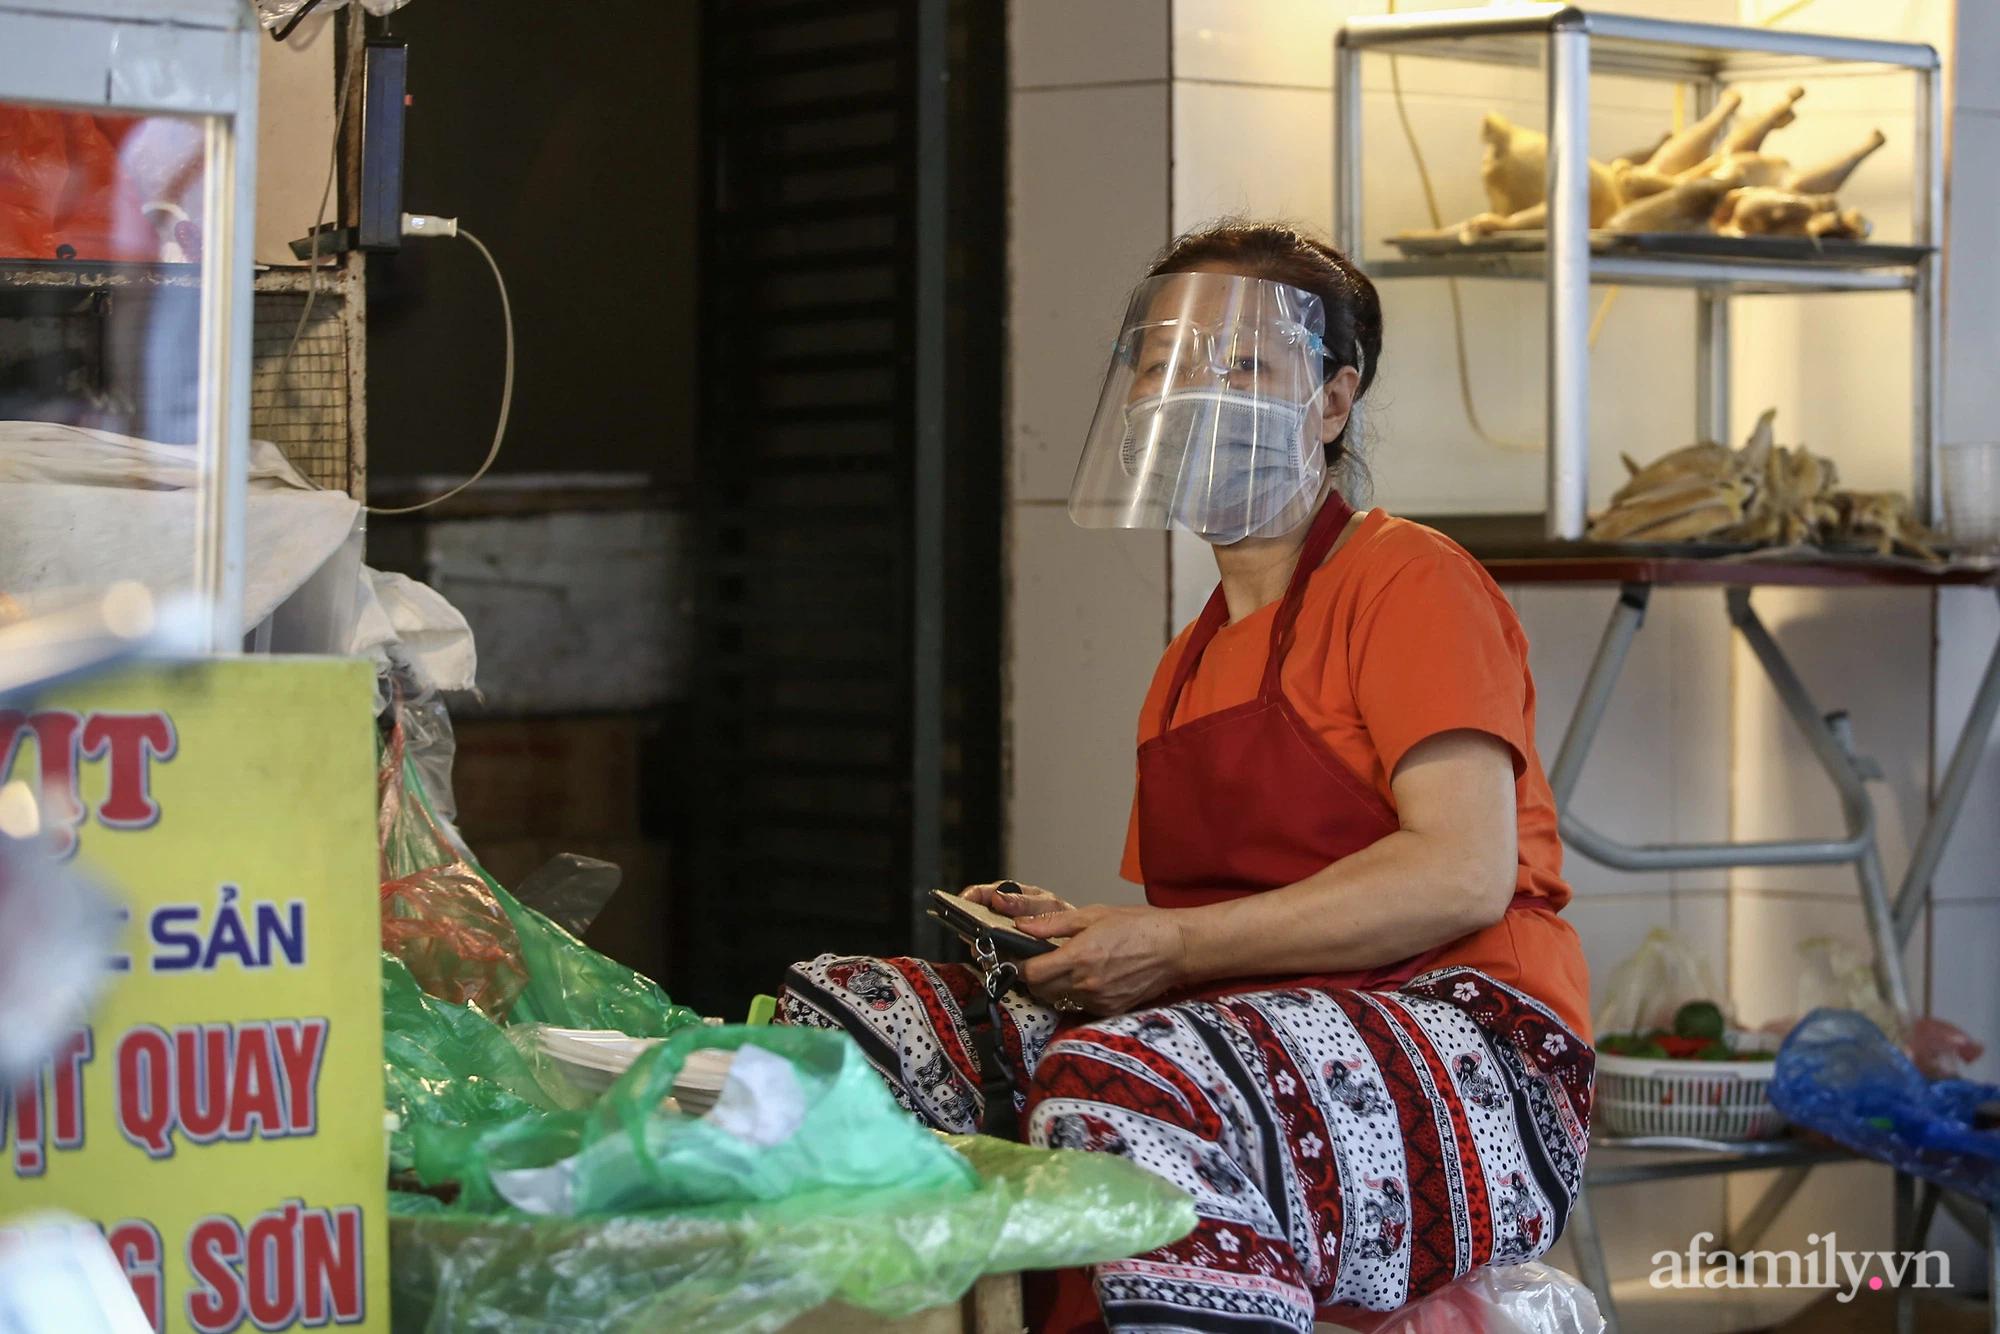 Ngày đầu giãn cách theo Chỉ thị 16, khu chợ ở Hà Nội kẻ vạch cách nhau 2 m, người mua kẻ bán tuy xa mặt nhưng không cách lòng - Ảnh 14.